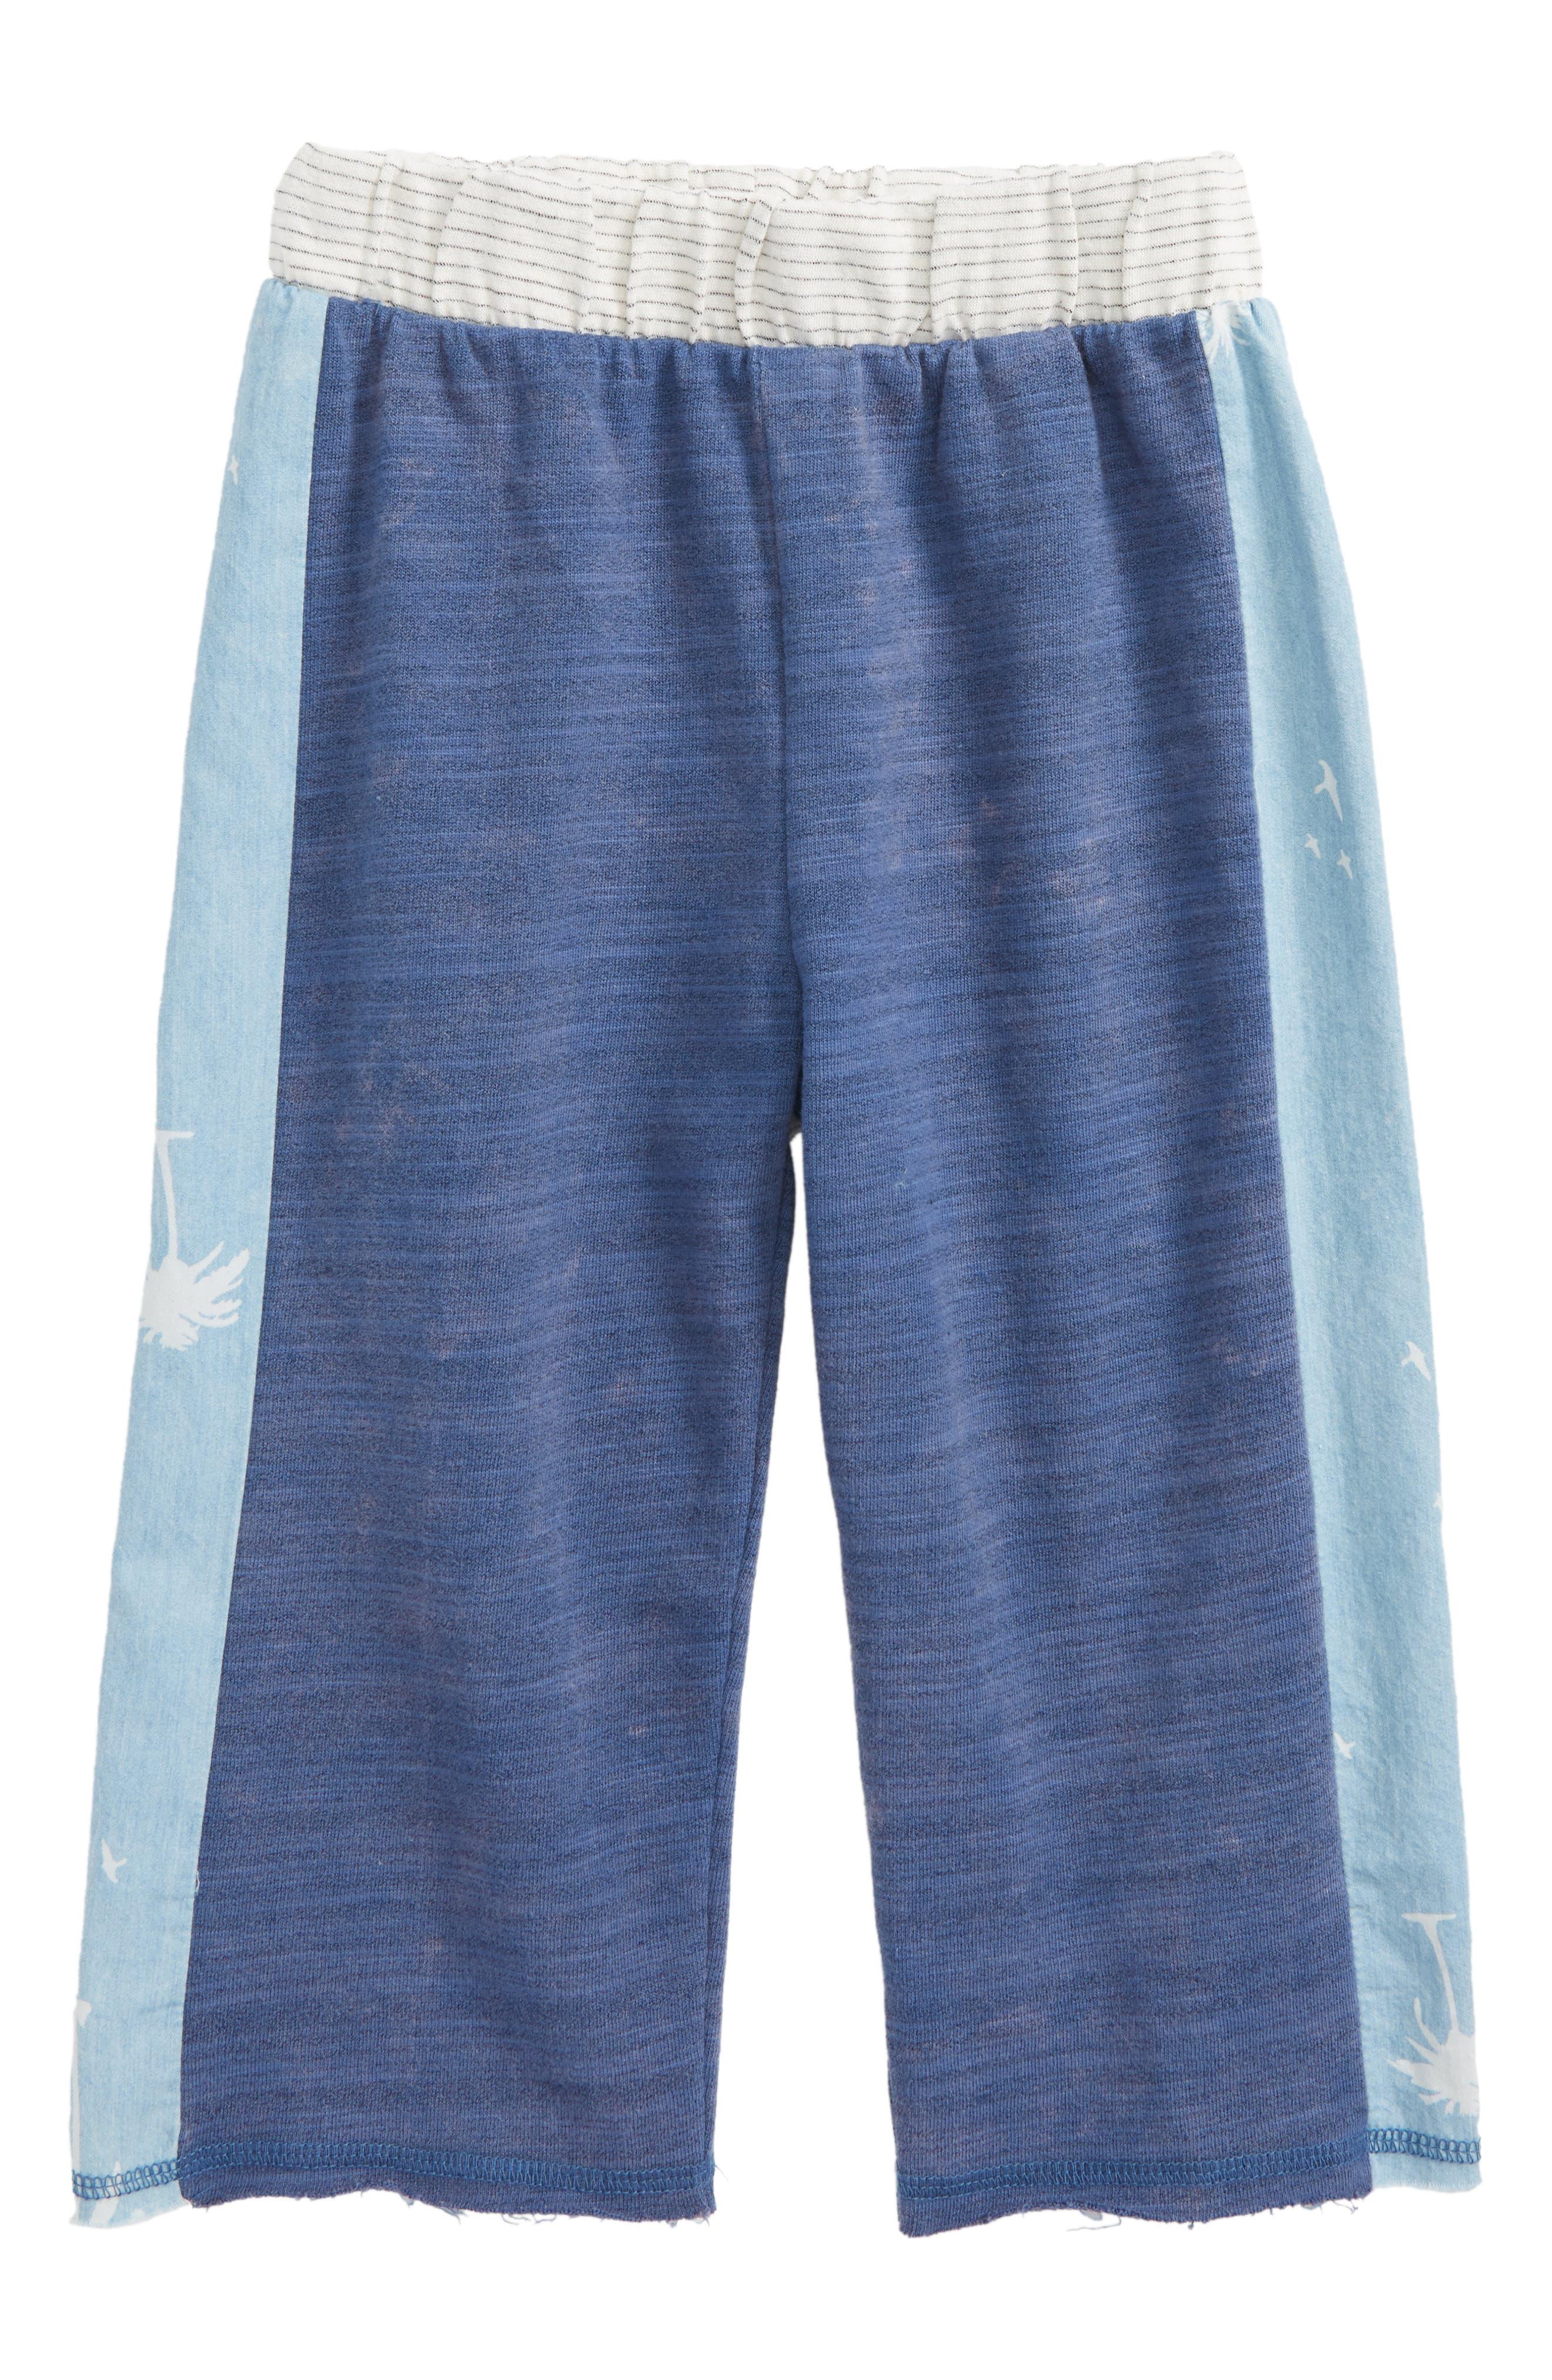 Teagan Shorts,                         Main,                         color, Palisades